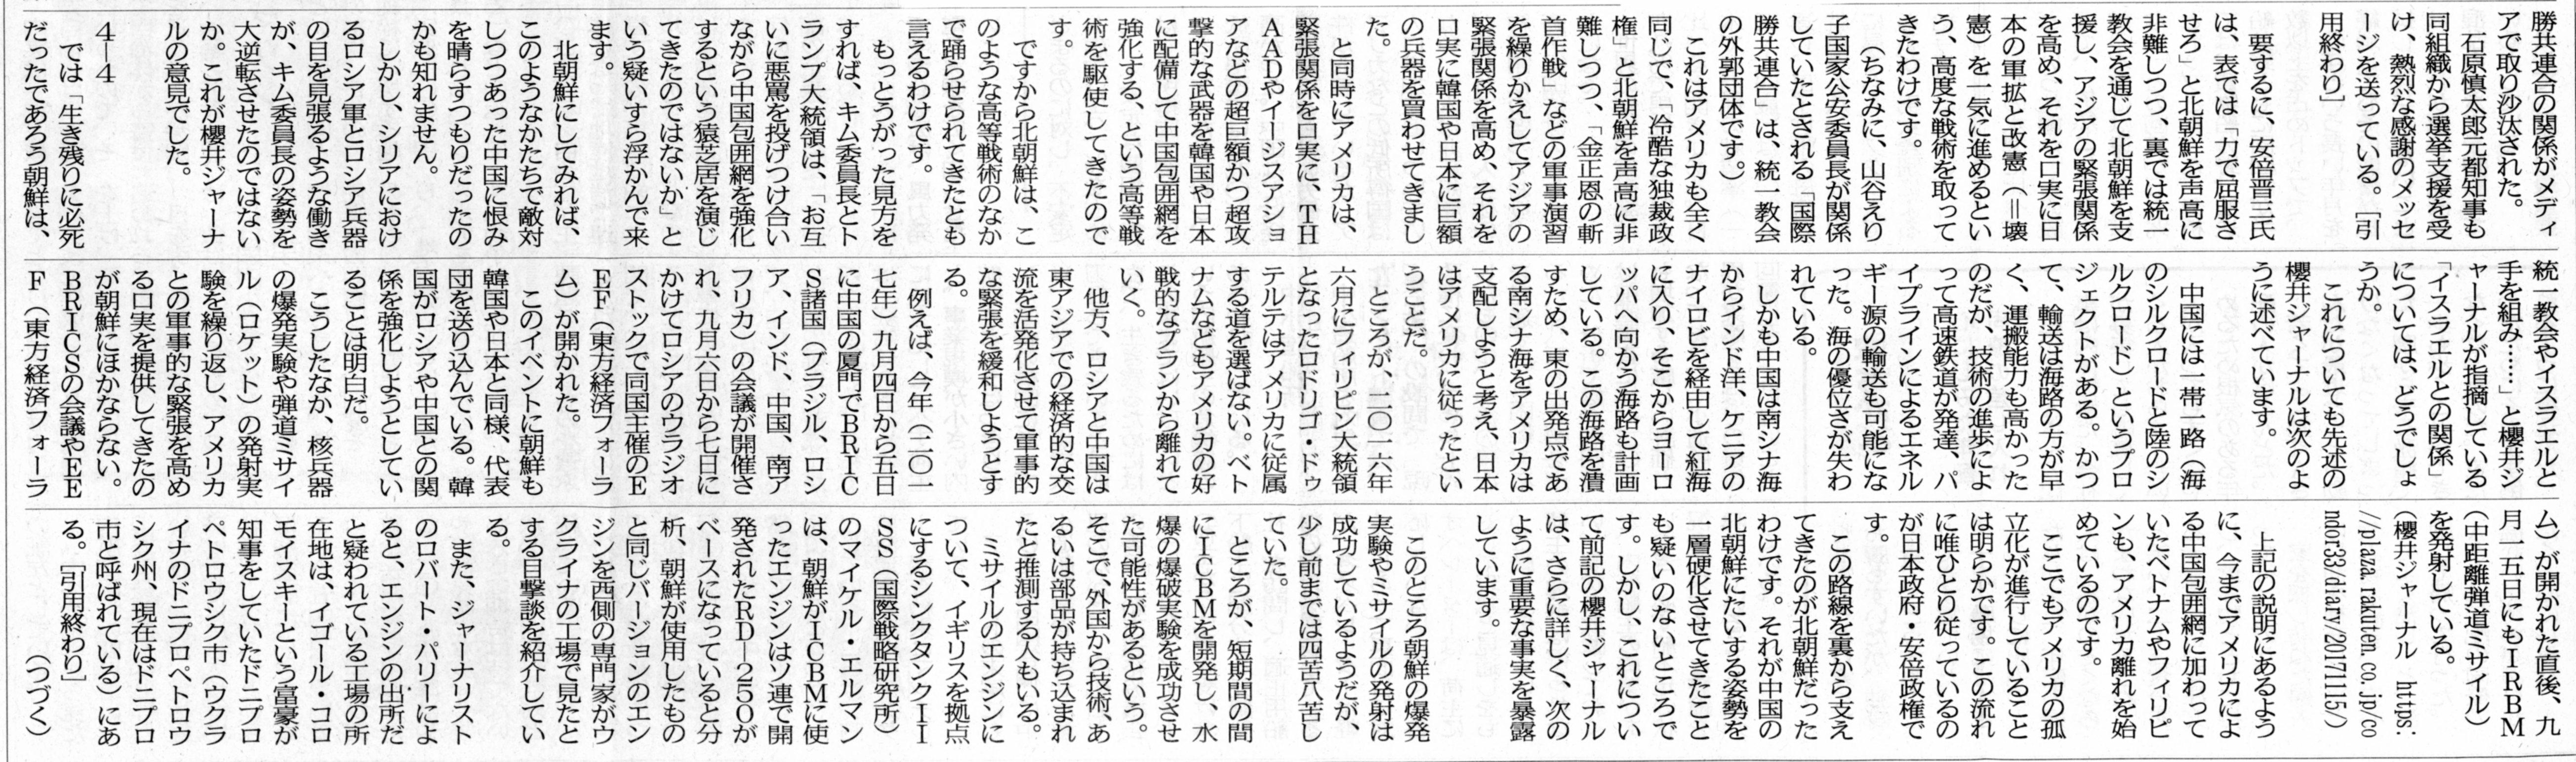 長州新聞20190210神に選ばれた国と神に選ばれた民に未来はあるか④218